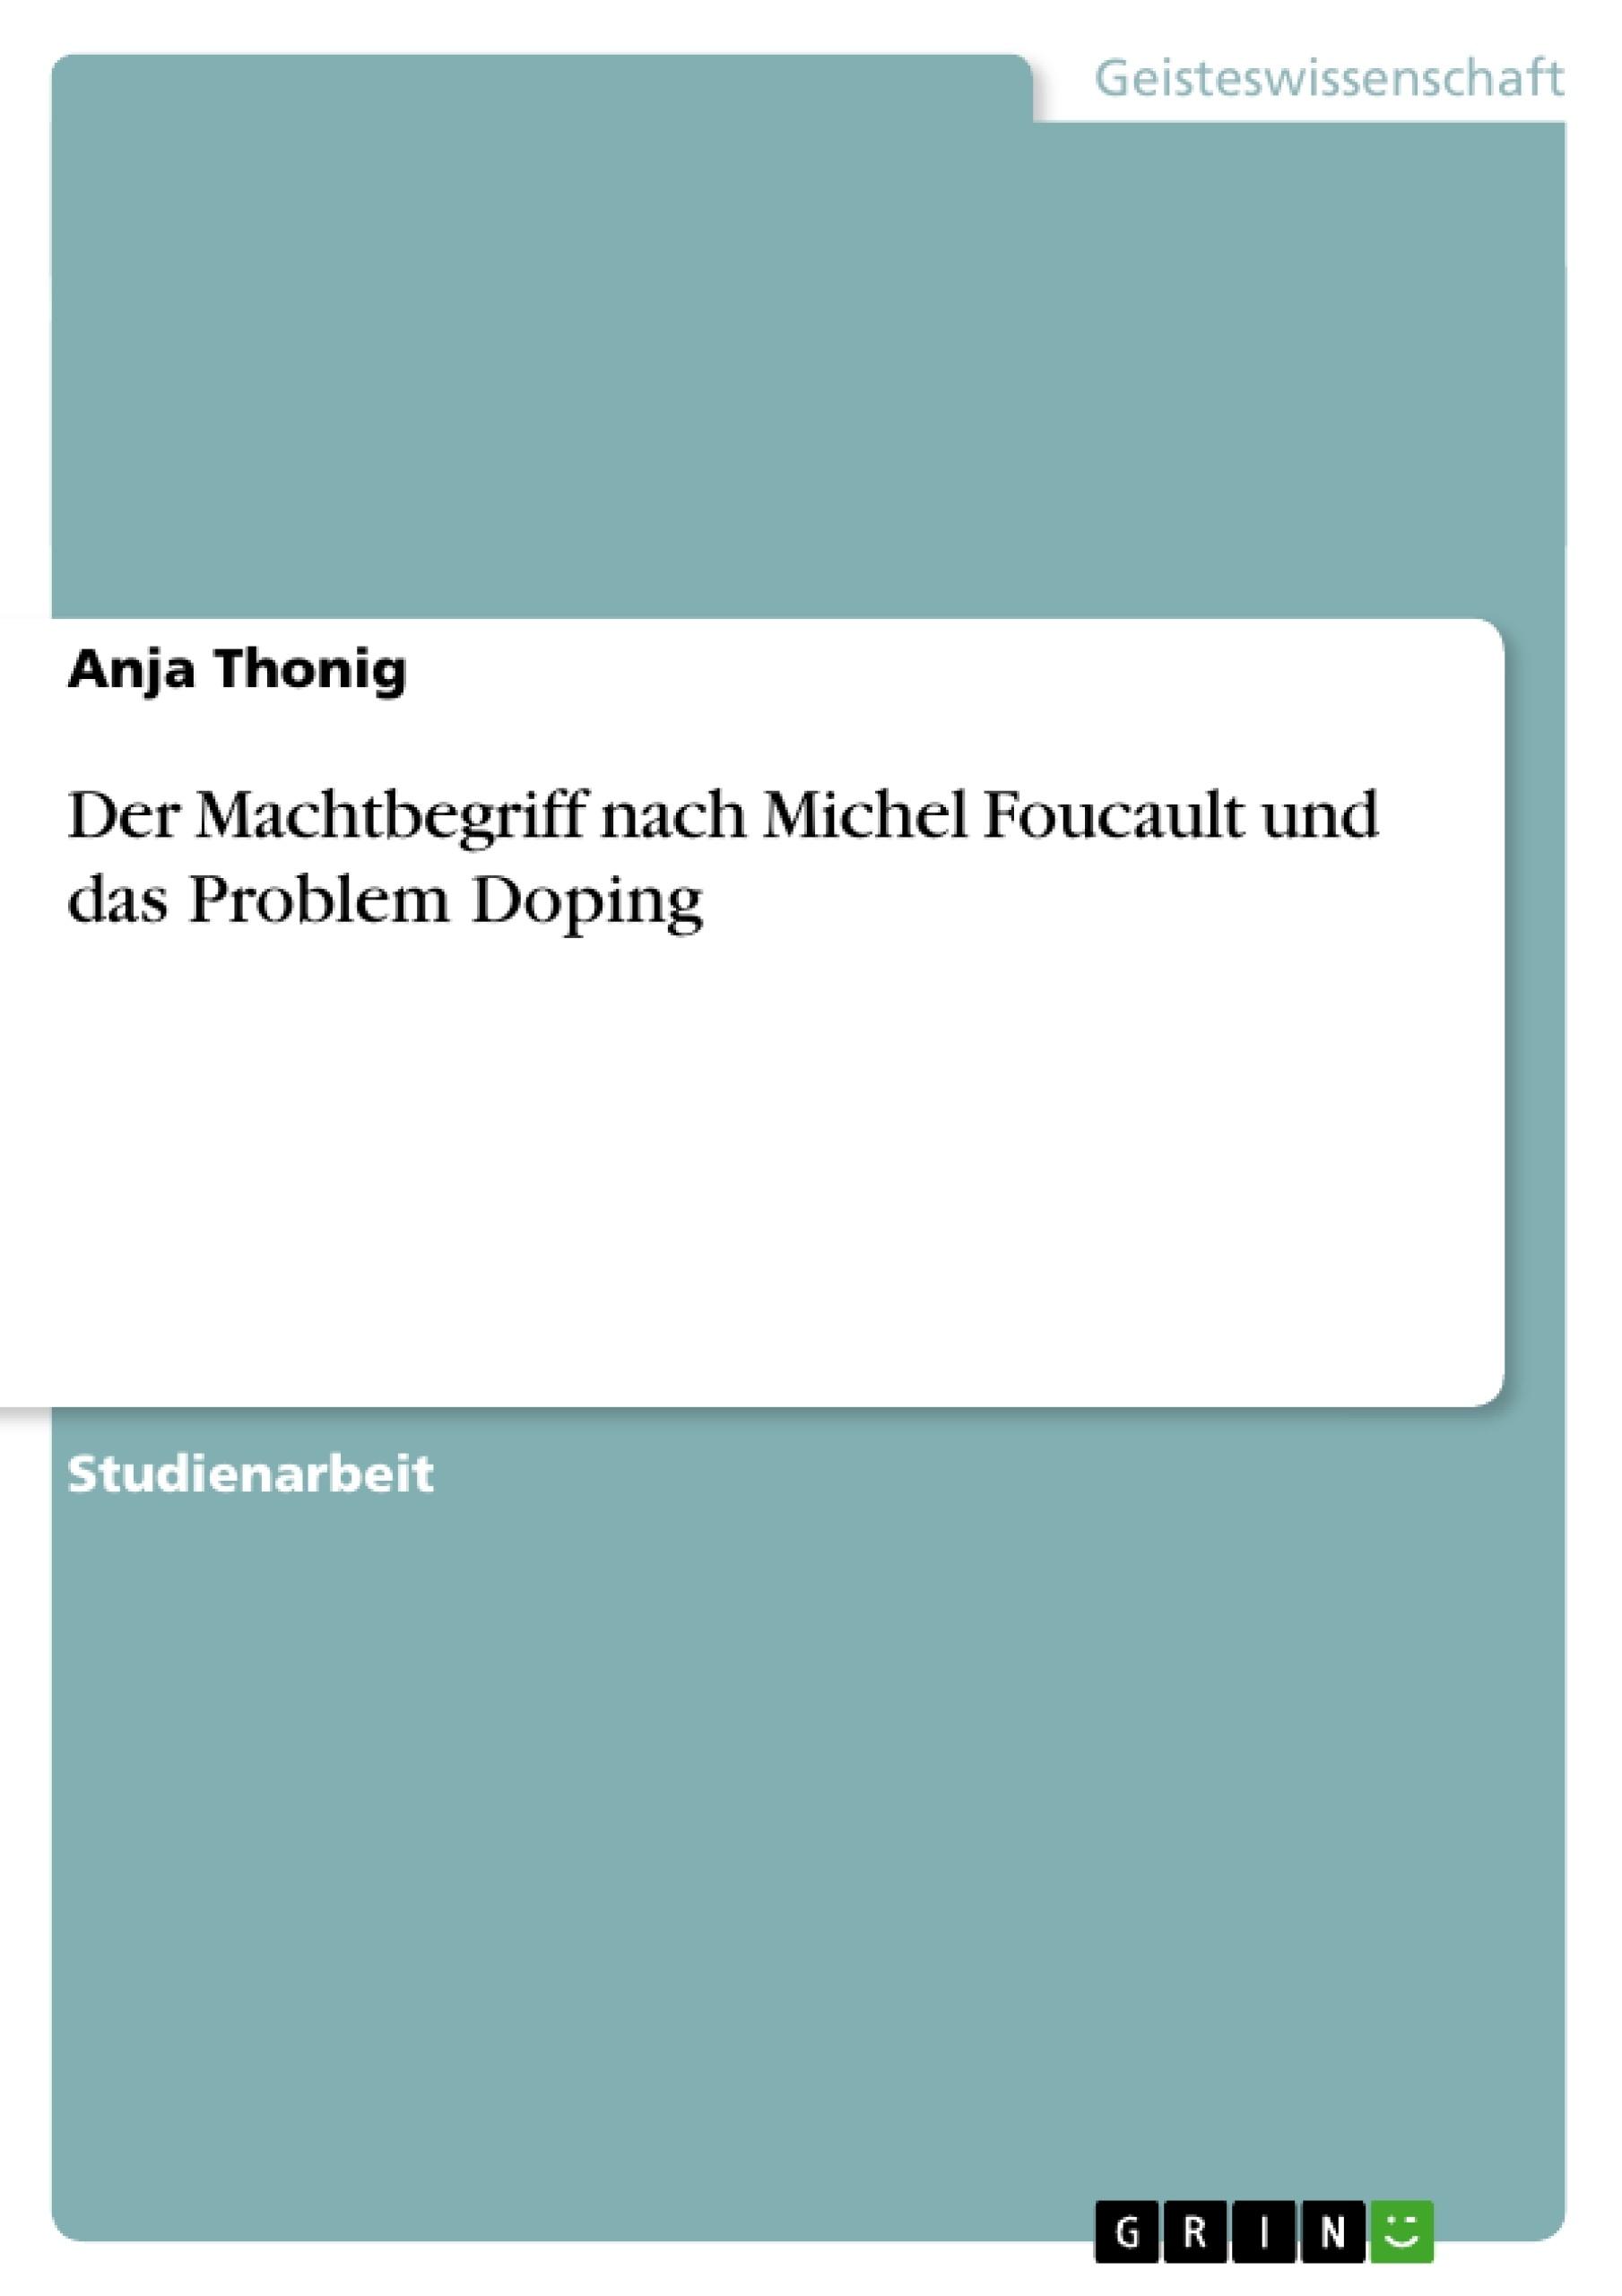 Titel: Der Machtbegriff nach Michel Foucault und das Problem Doping